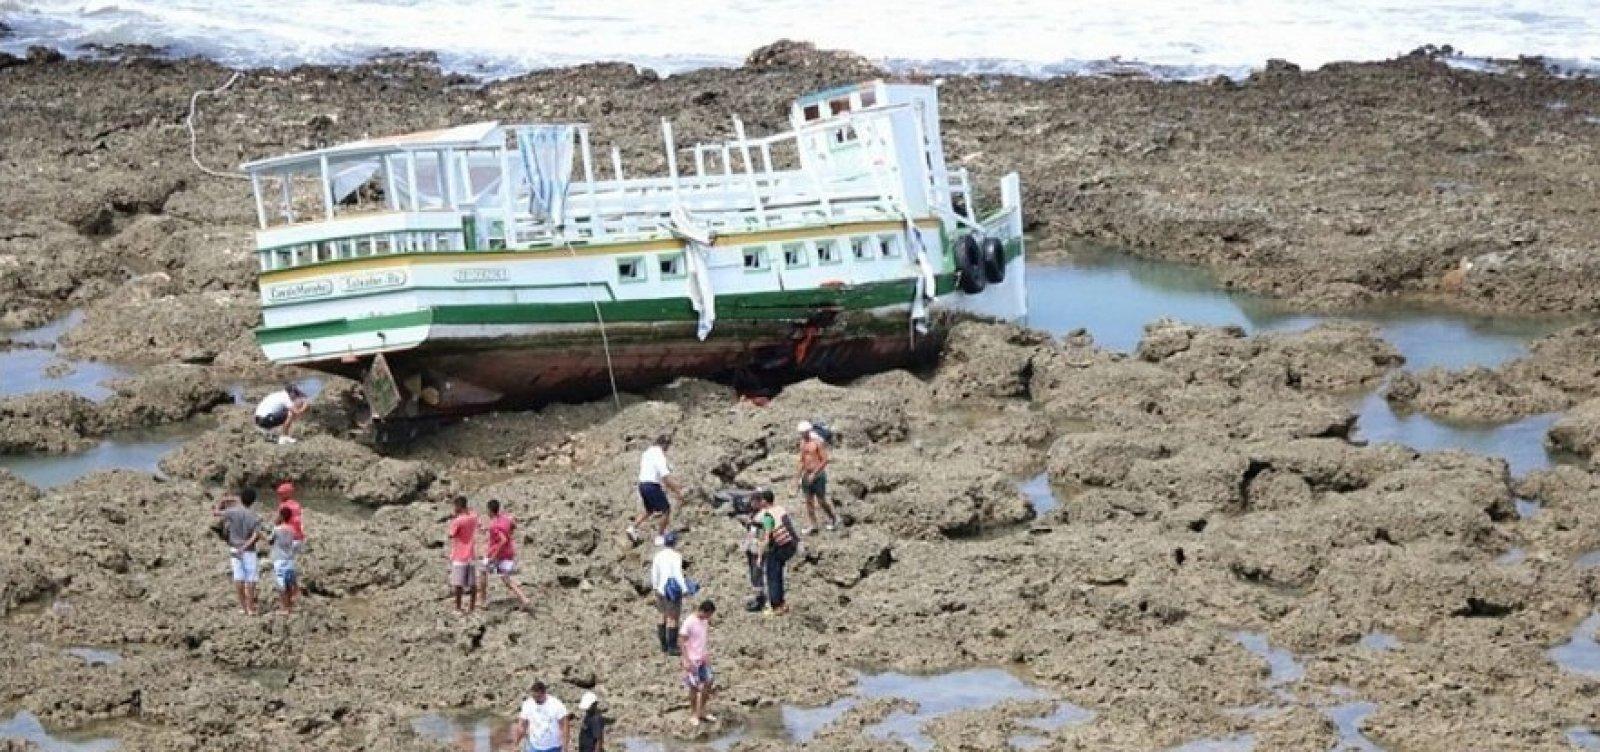 [Justiça condena dono e empresa de lancha que naufragou na Baía de Todos-os-Santos]